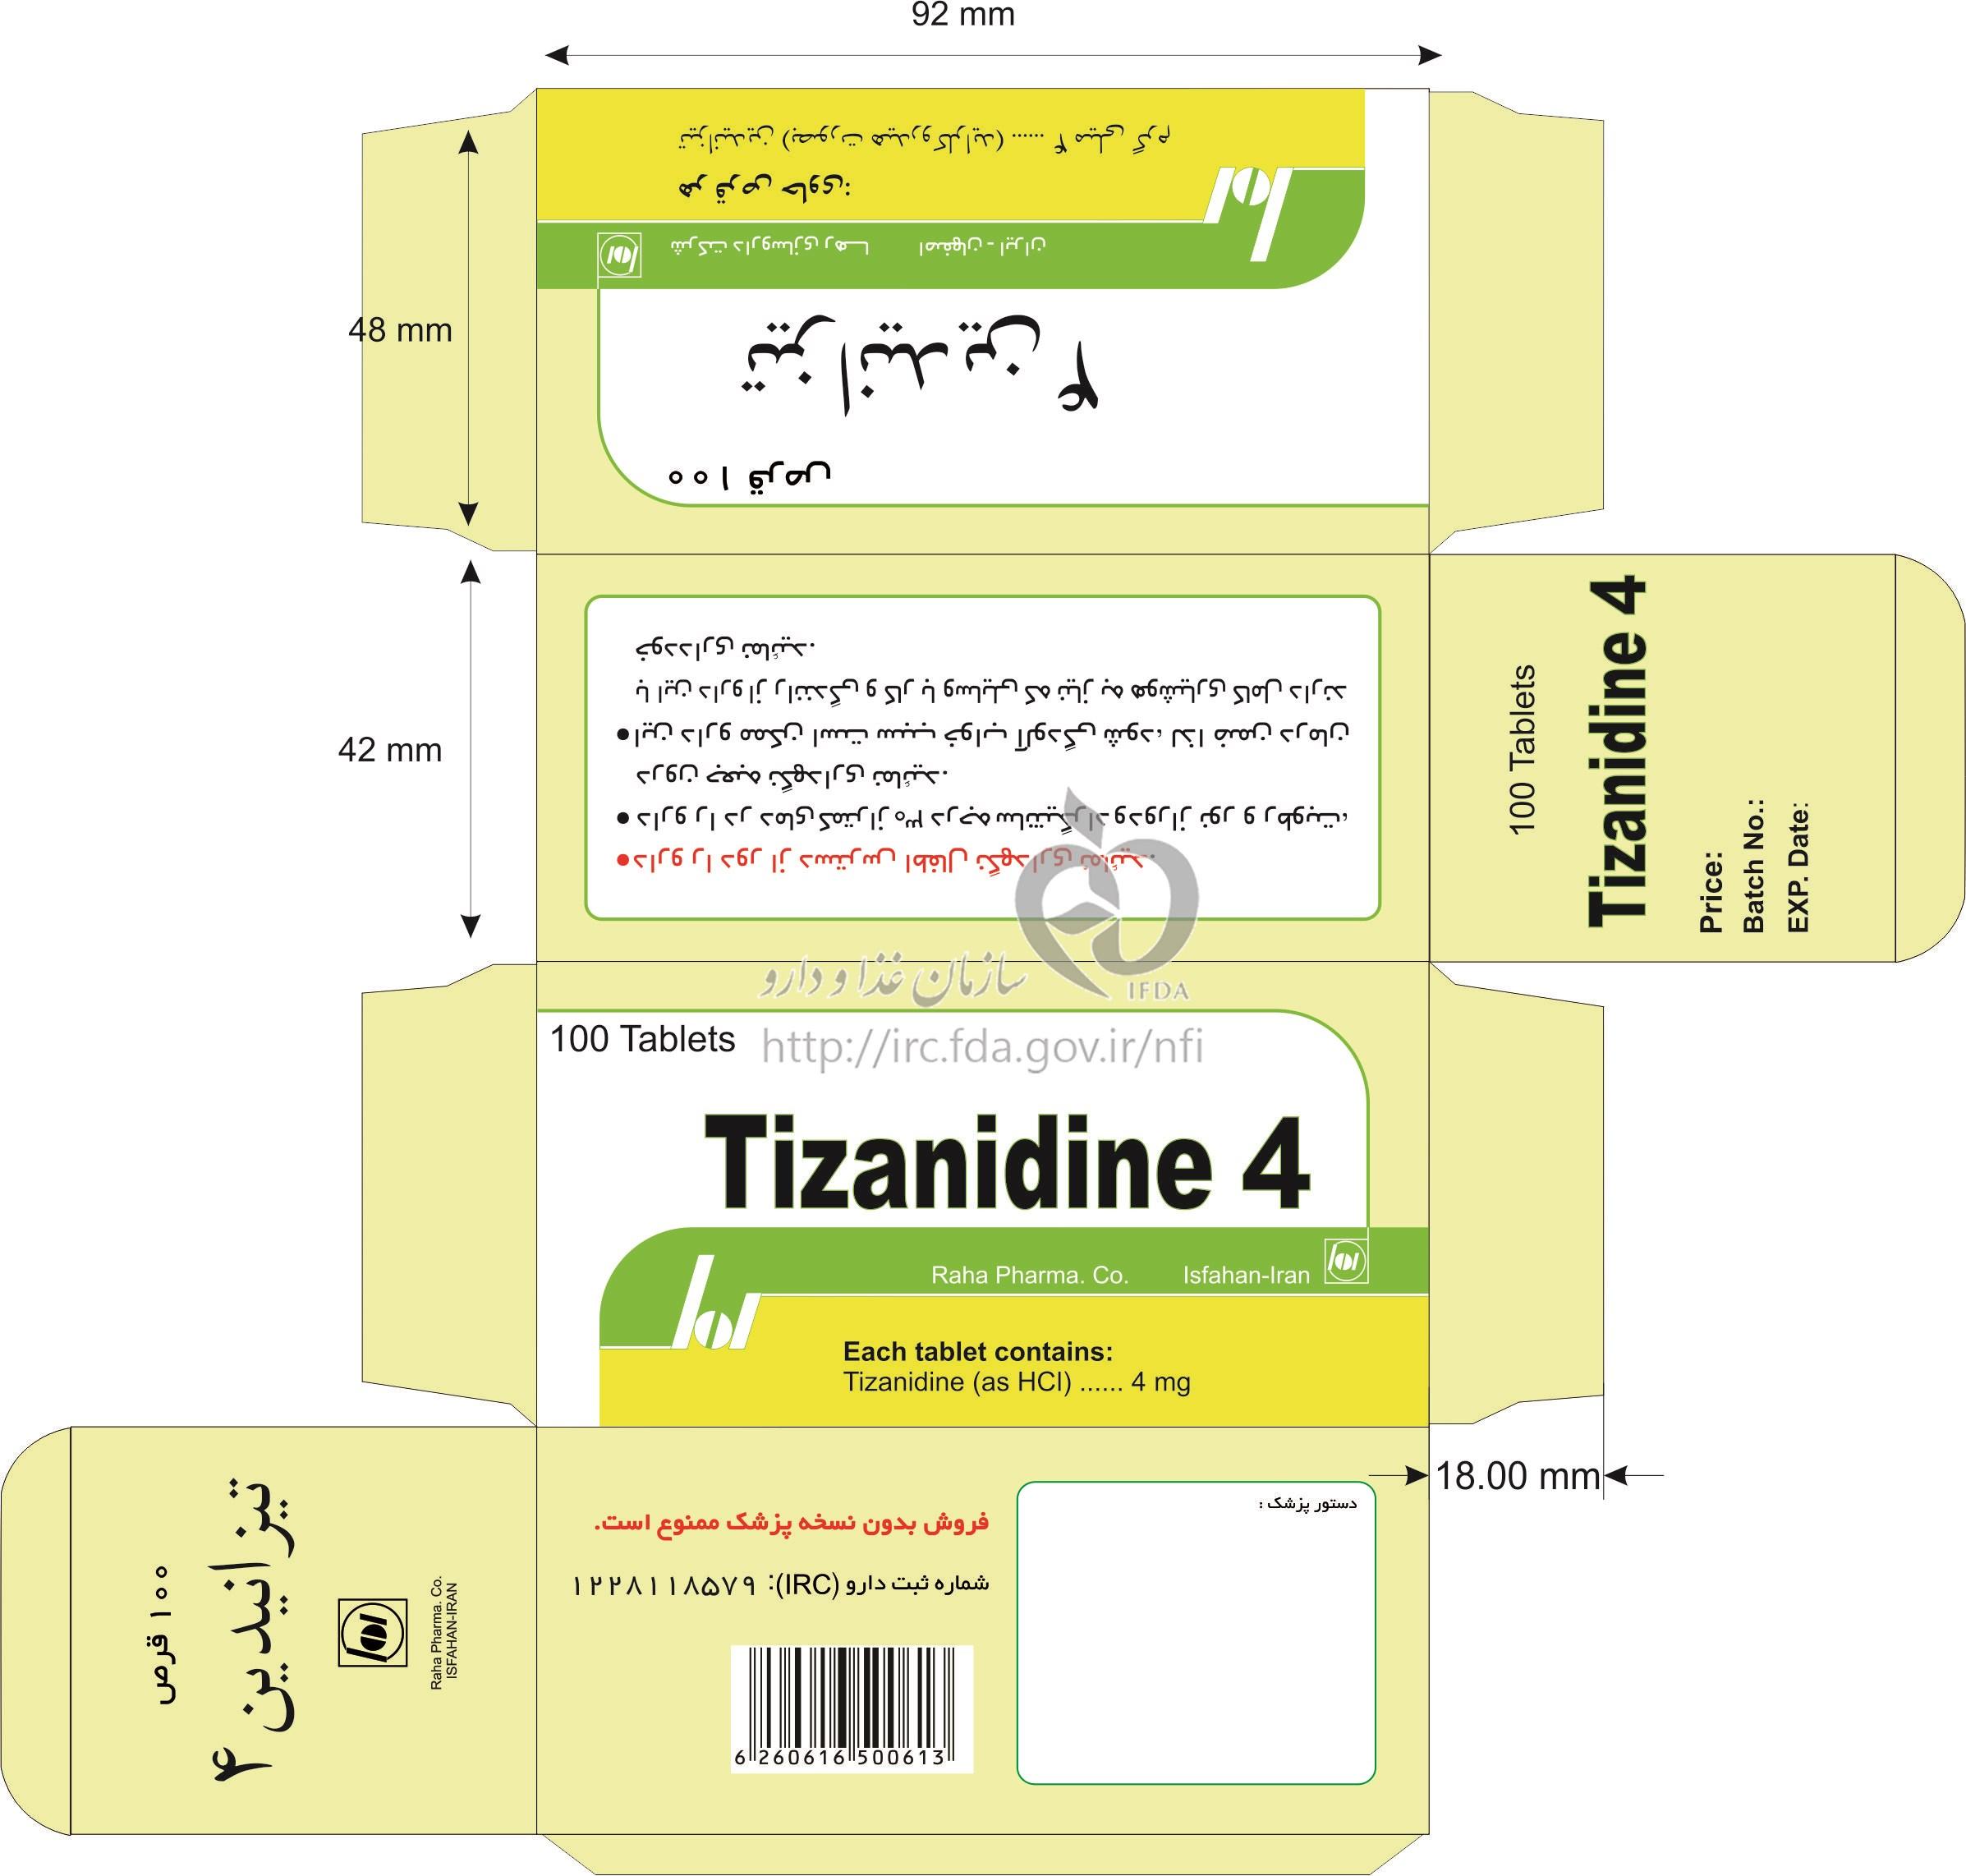 تیزانیدین قرص خوراکی 4 mg